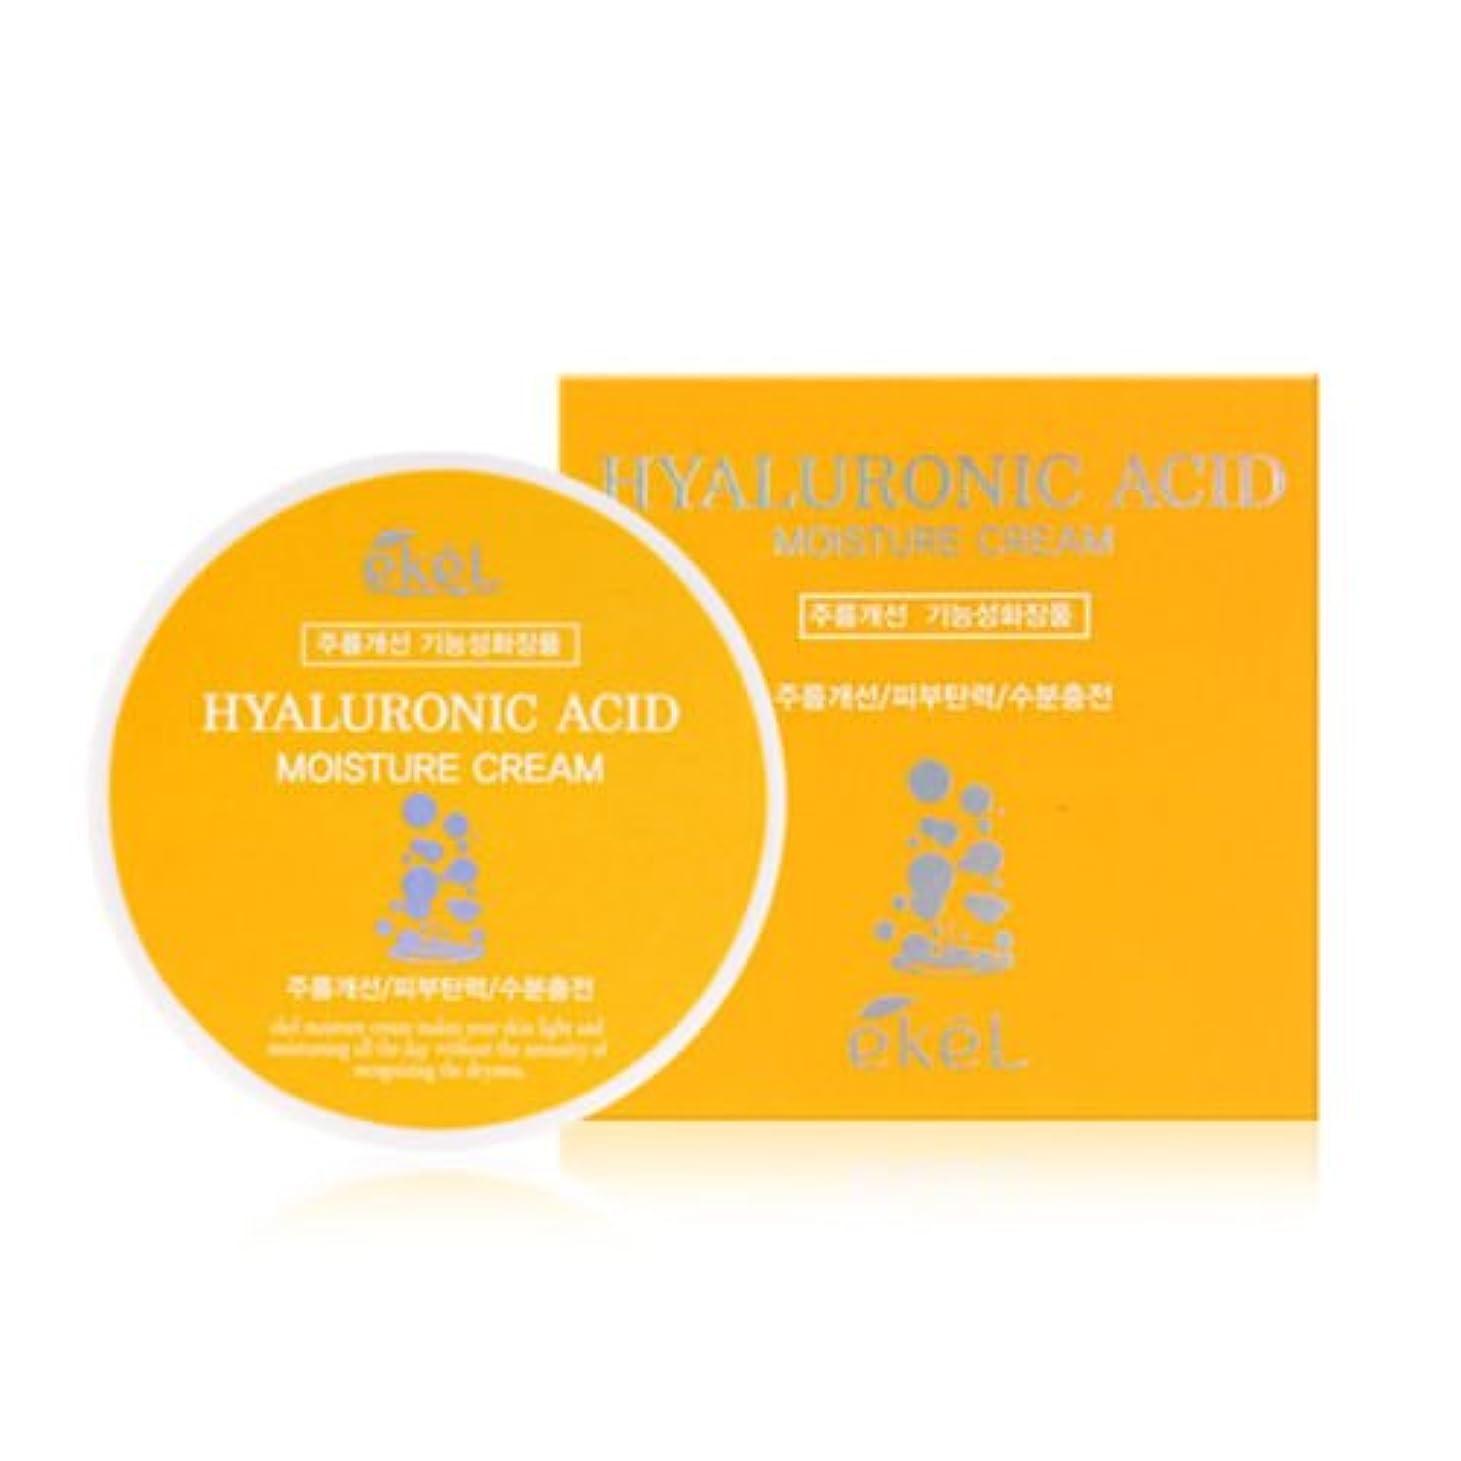 区画約設定いうイケル[韓国コスメEkel]Hyaluronic acid Moisture Cream ヒアルロン酸モイスチャークリーム100g [並行輸入品]